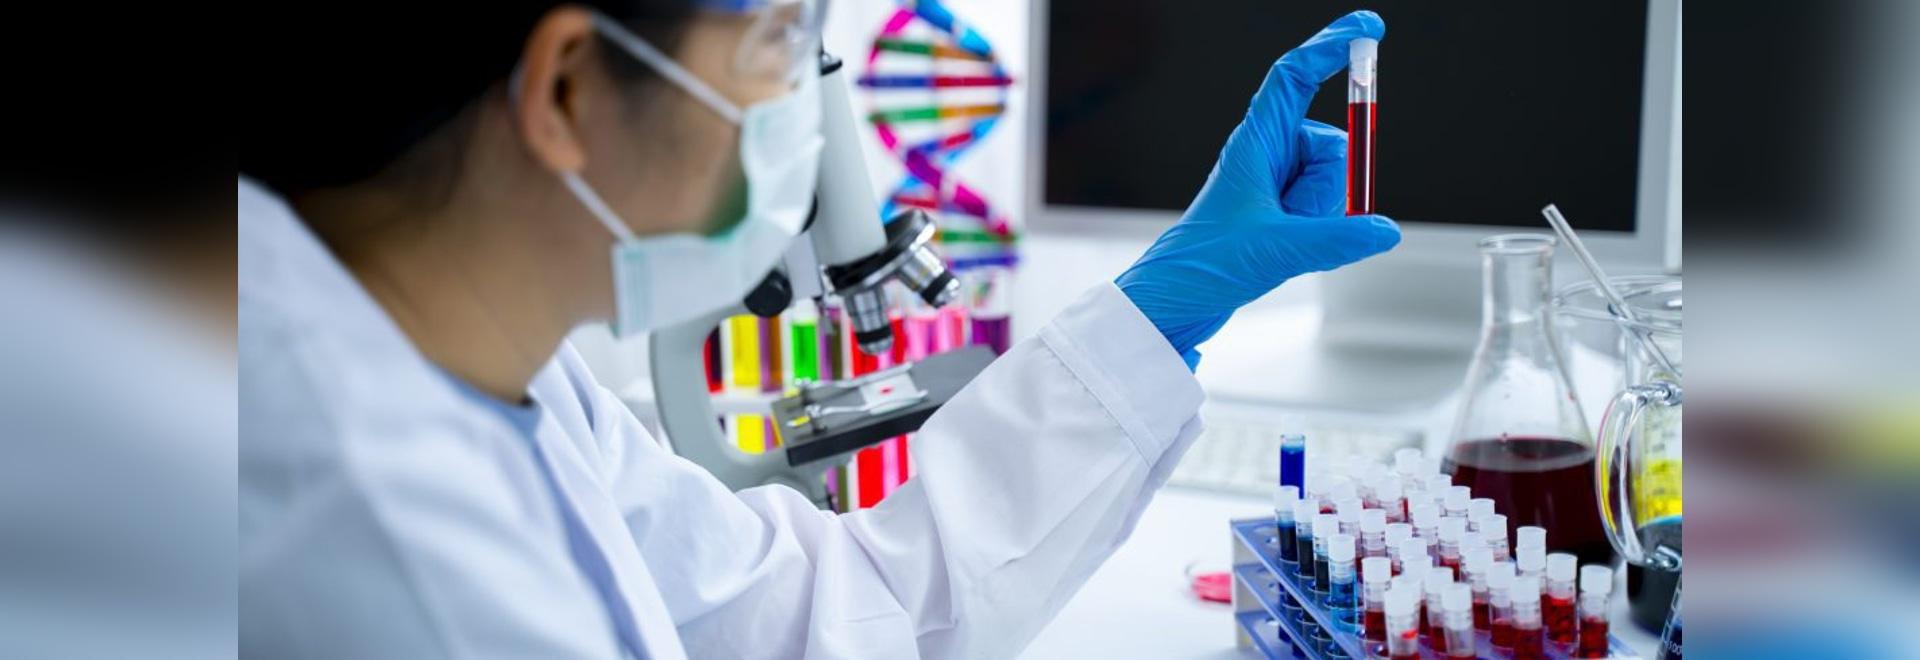 Un test sanguin basé sur l'IA prédit la progression d'une maladie neurodégénérative